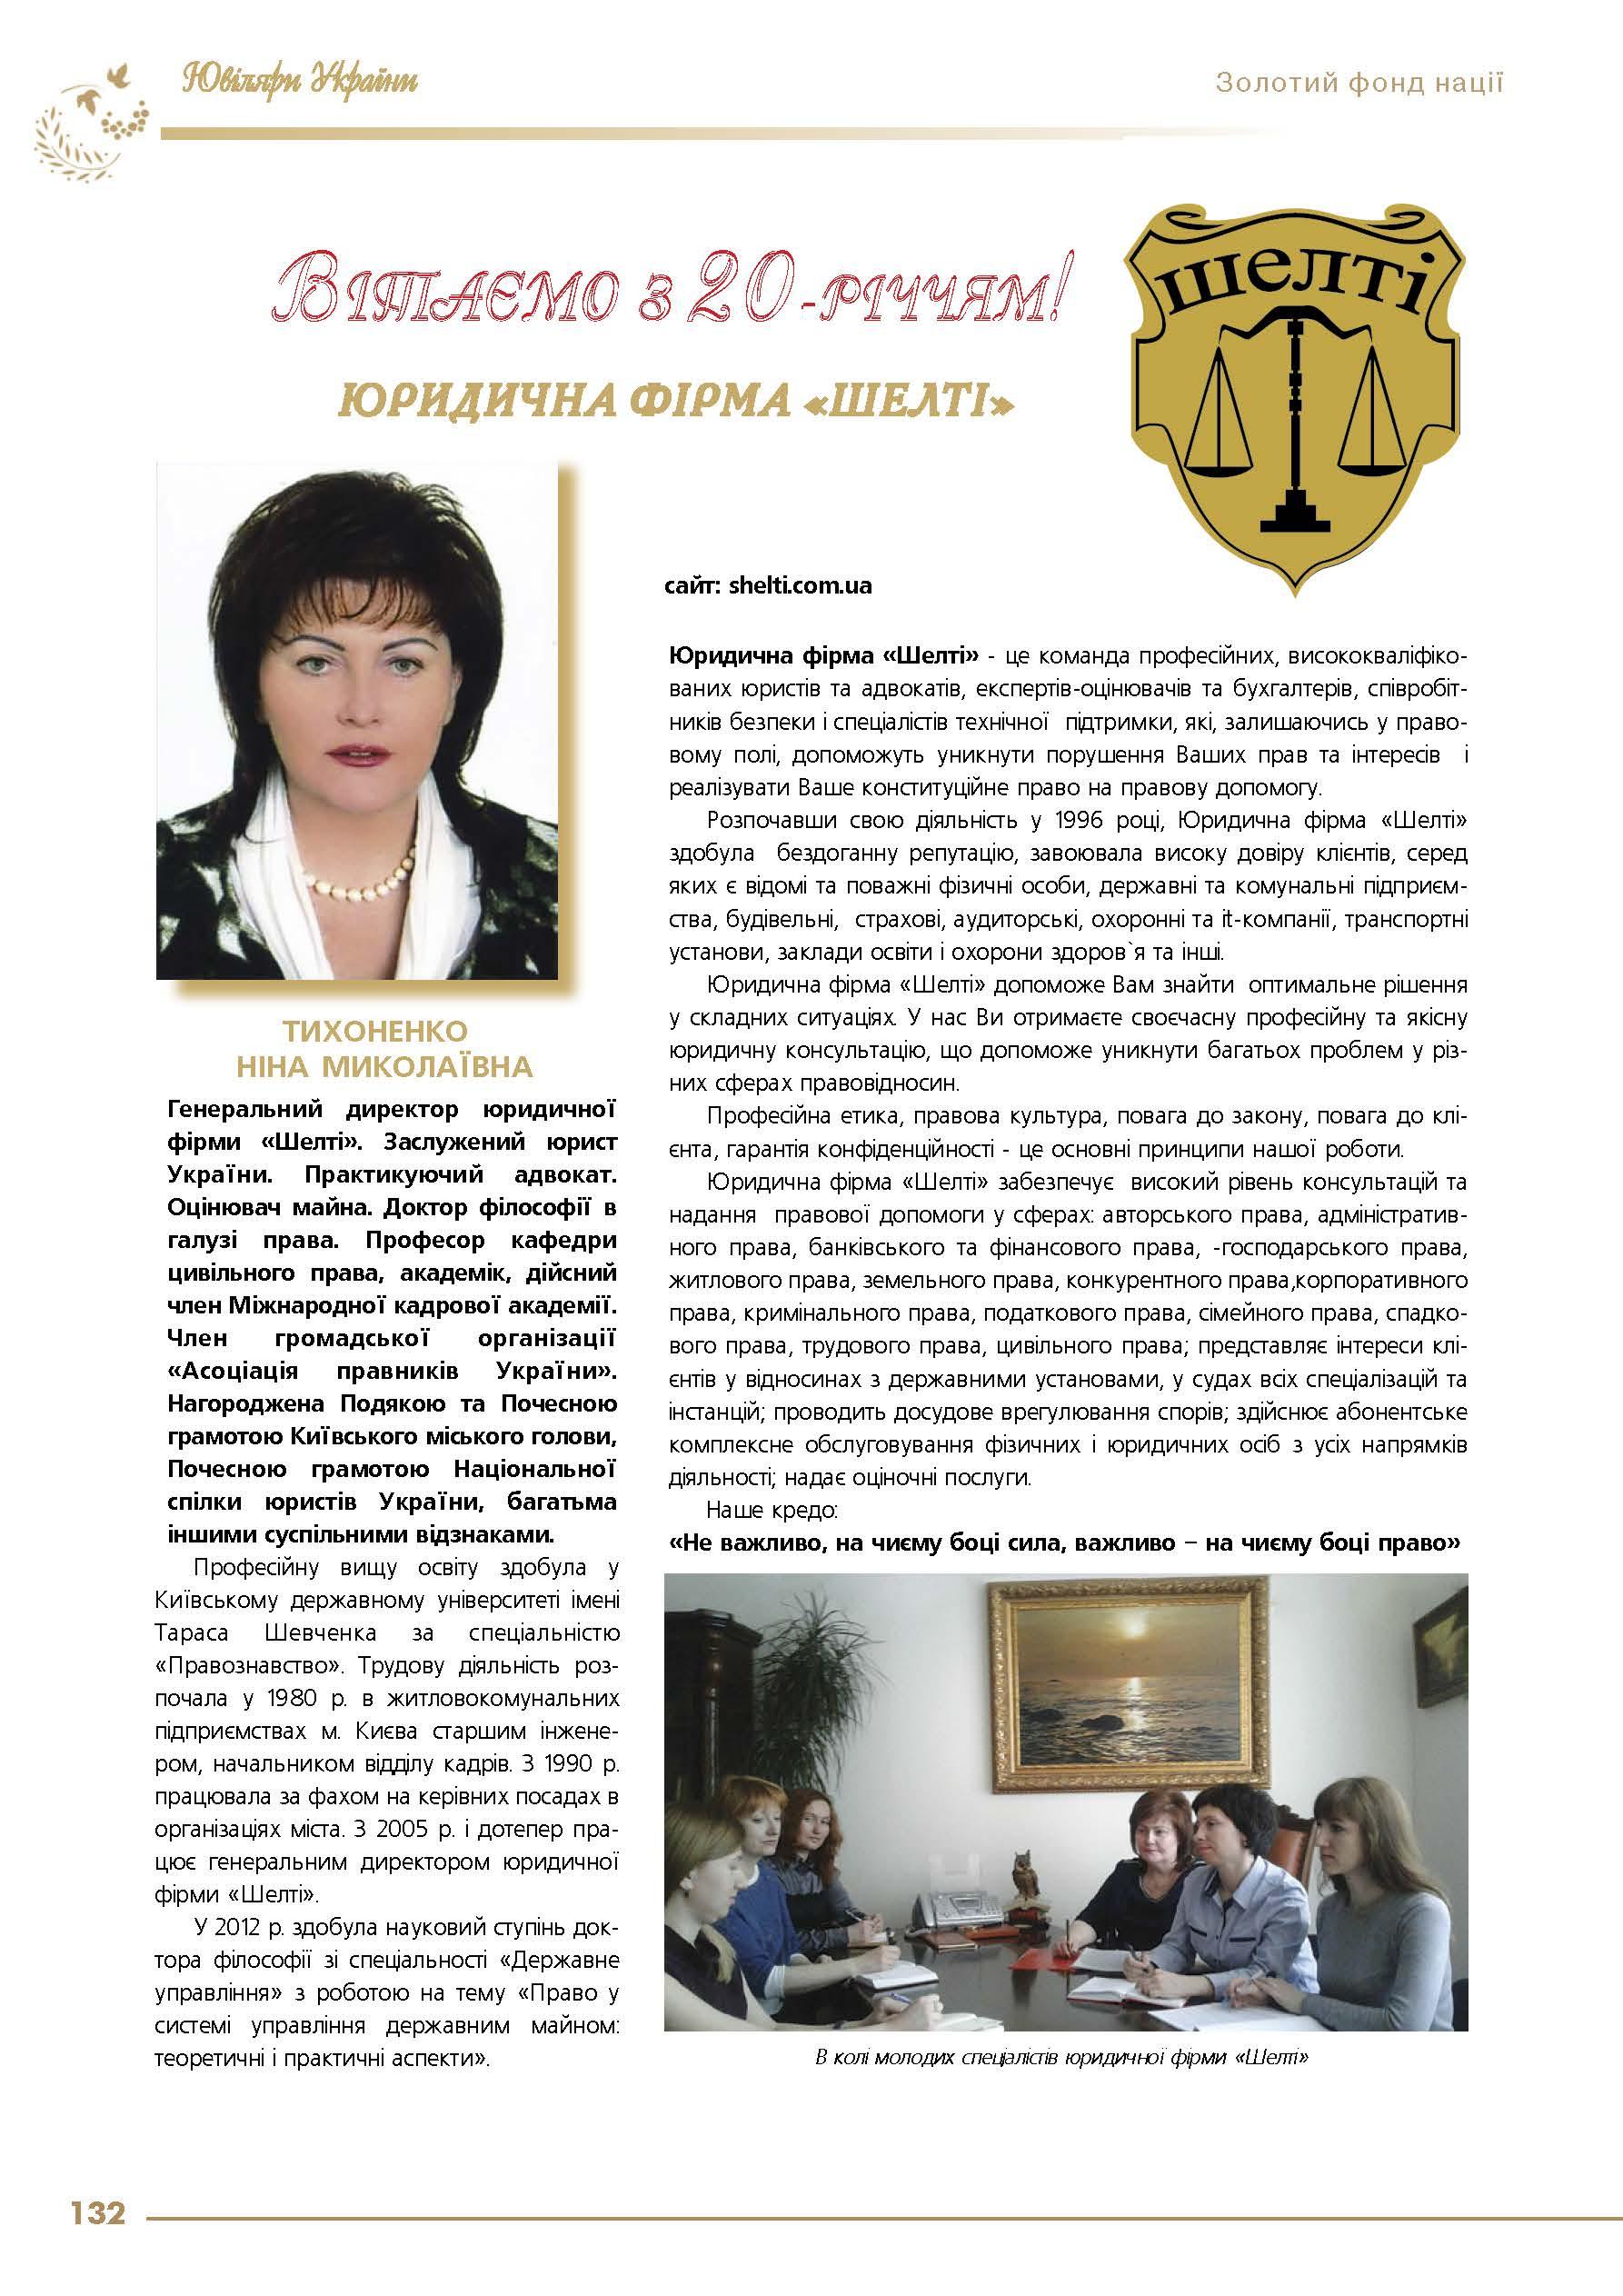 Тихоненко Ніна Миколаївна